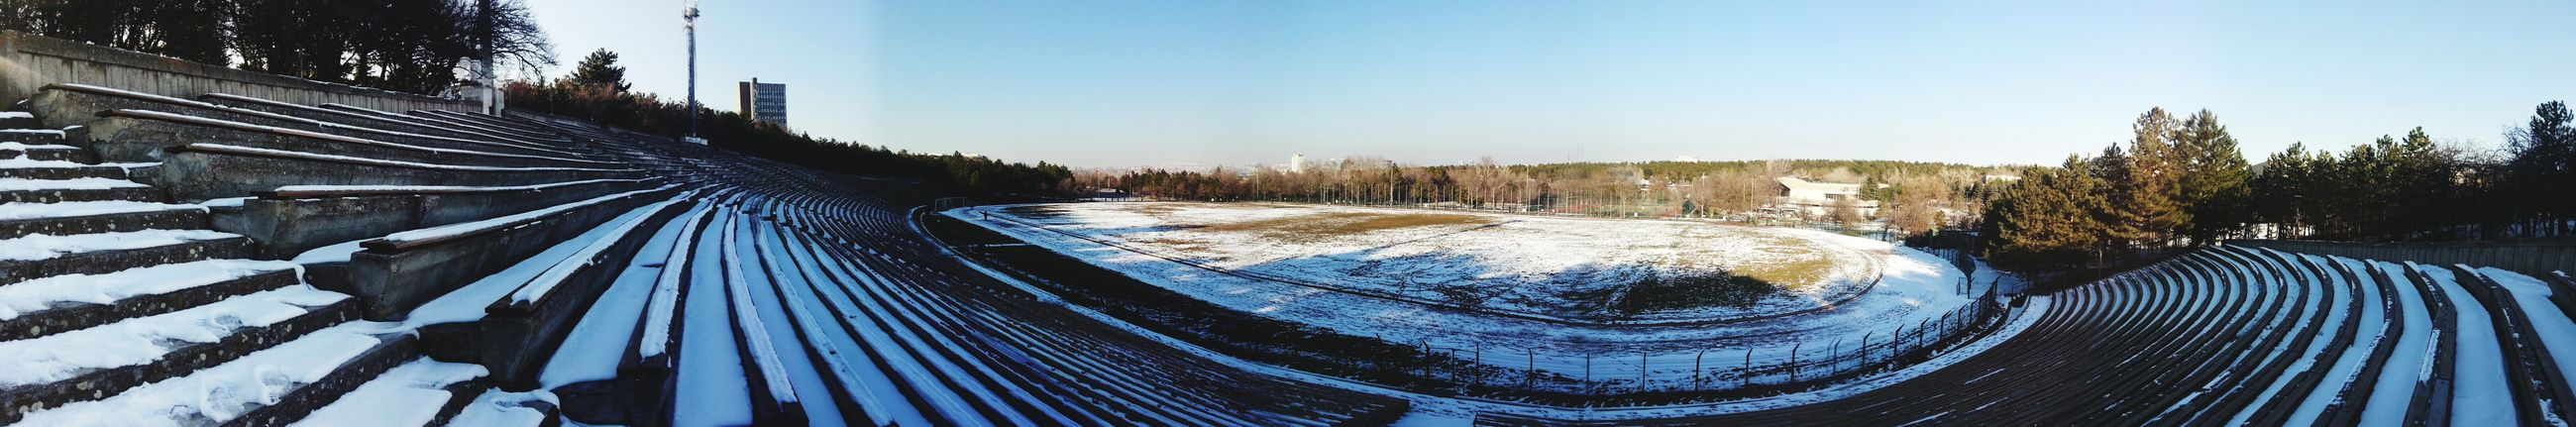 Odtü Devrim Stadium Metu Panaroma Panaromic Winter